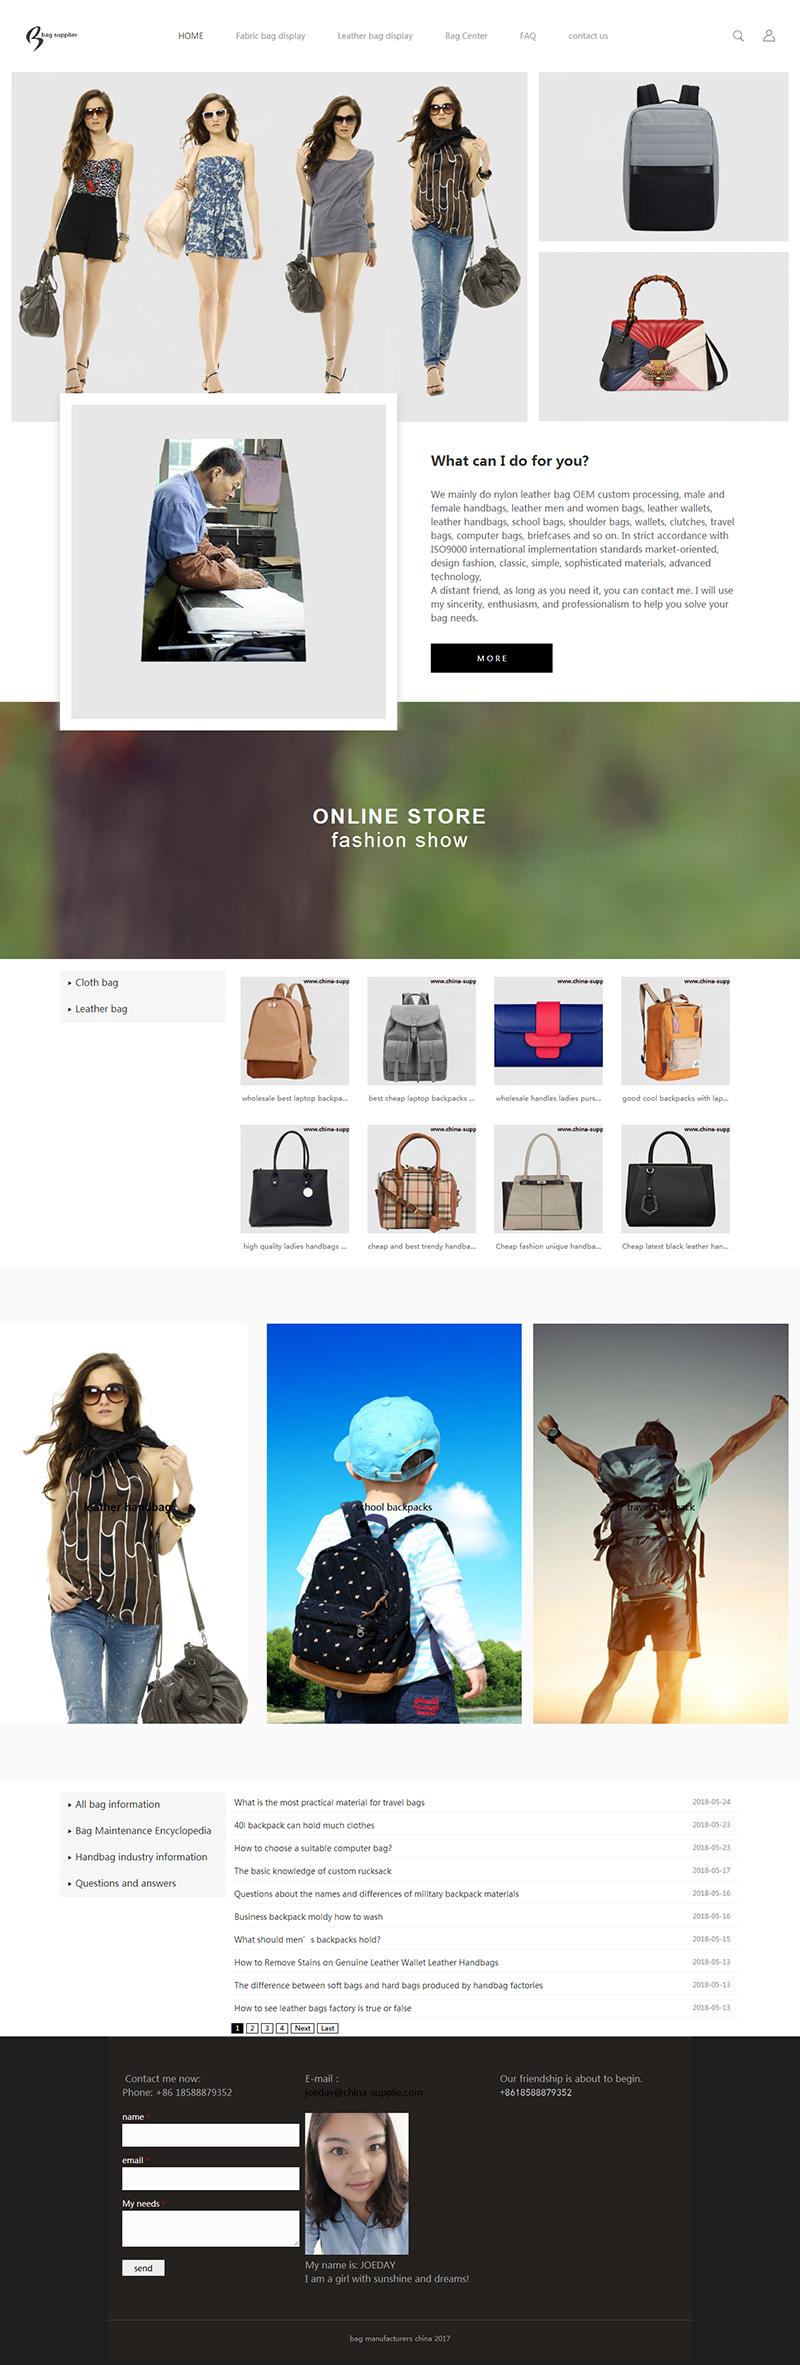 高端服饰品牌类网站模板